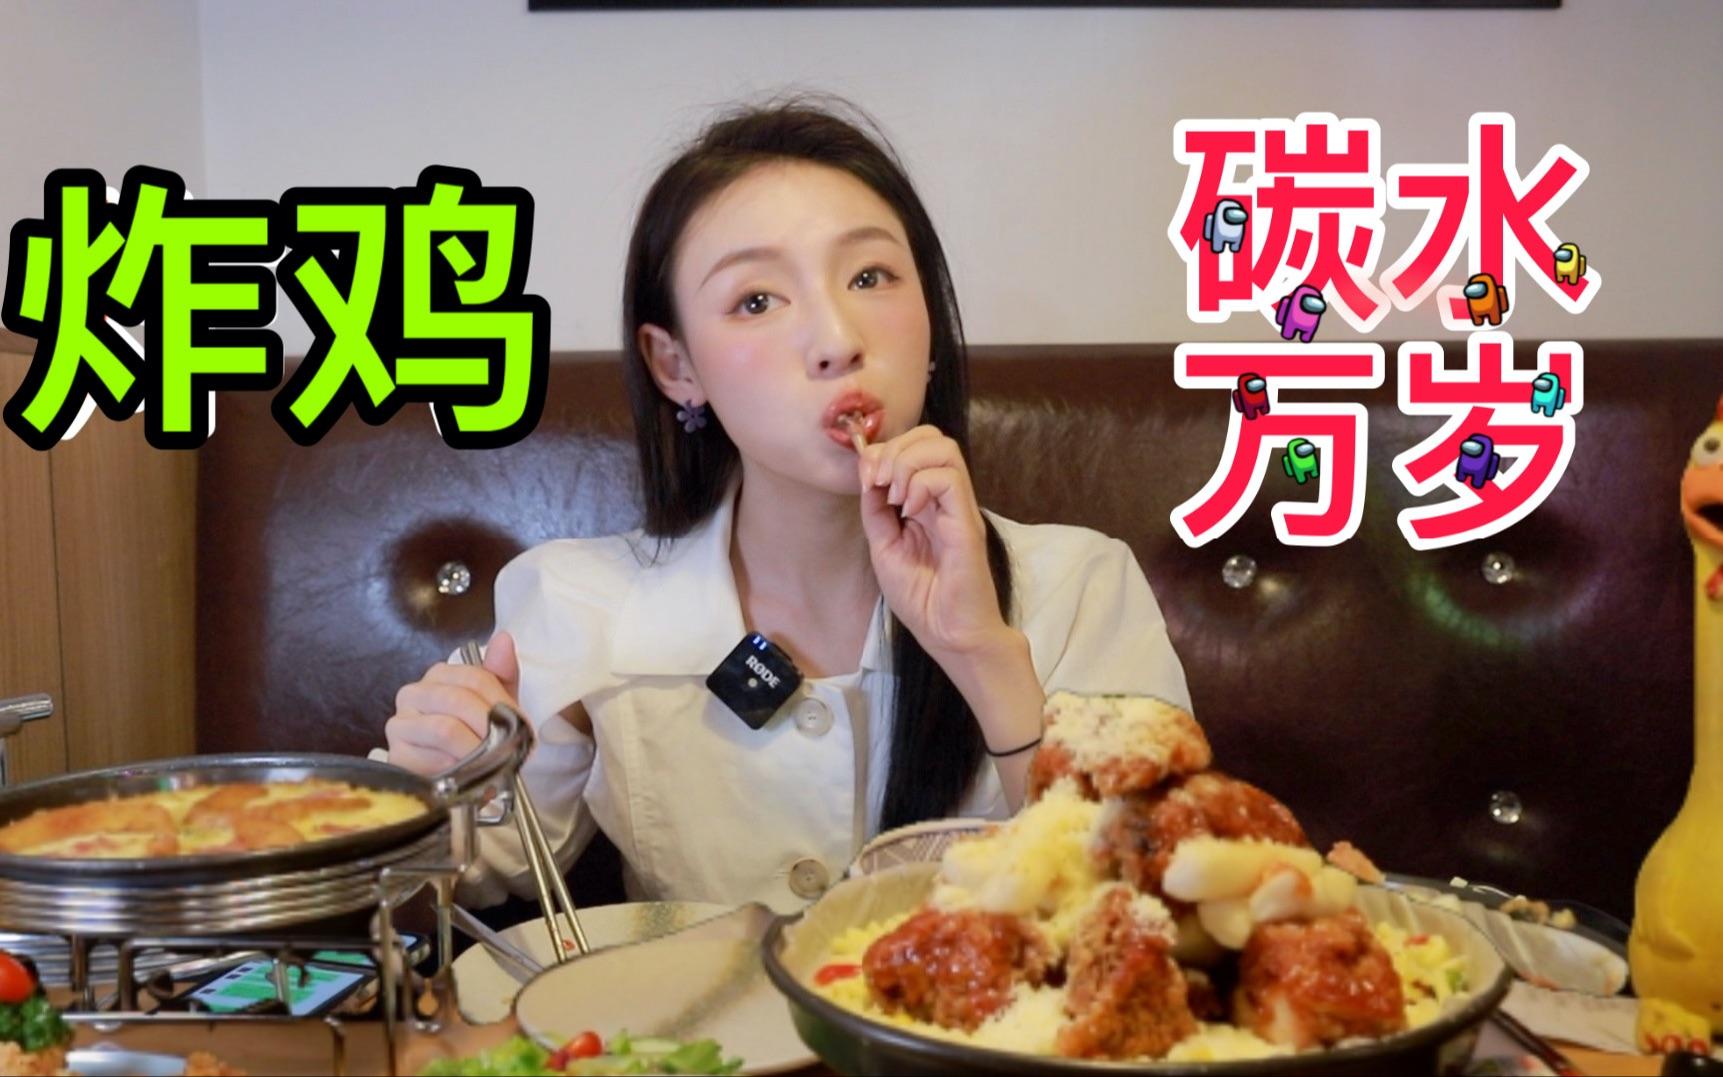 看剧必备的韩式炸鸡店被我找到了! 雪花芝士炸鸡配超级拉丝的披萨好满足~~~